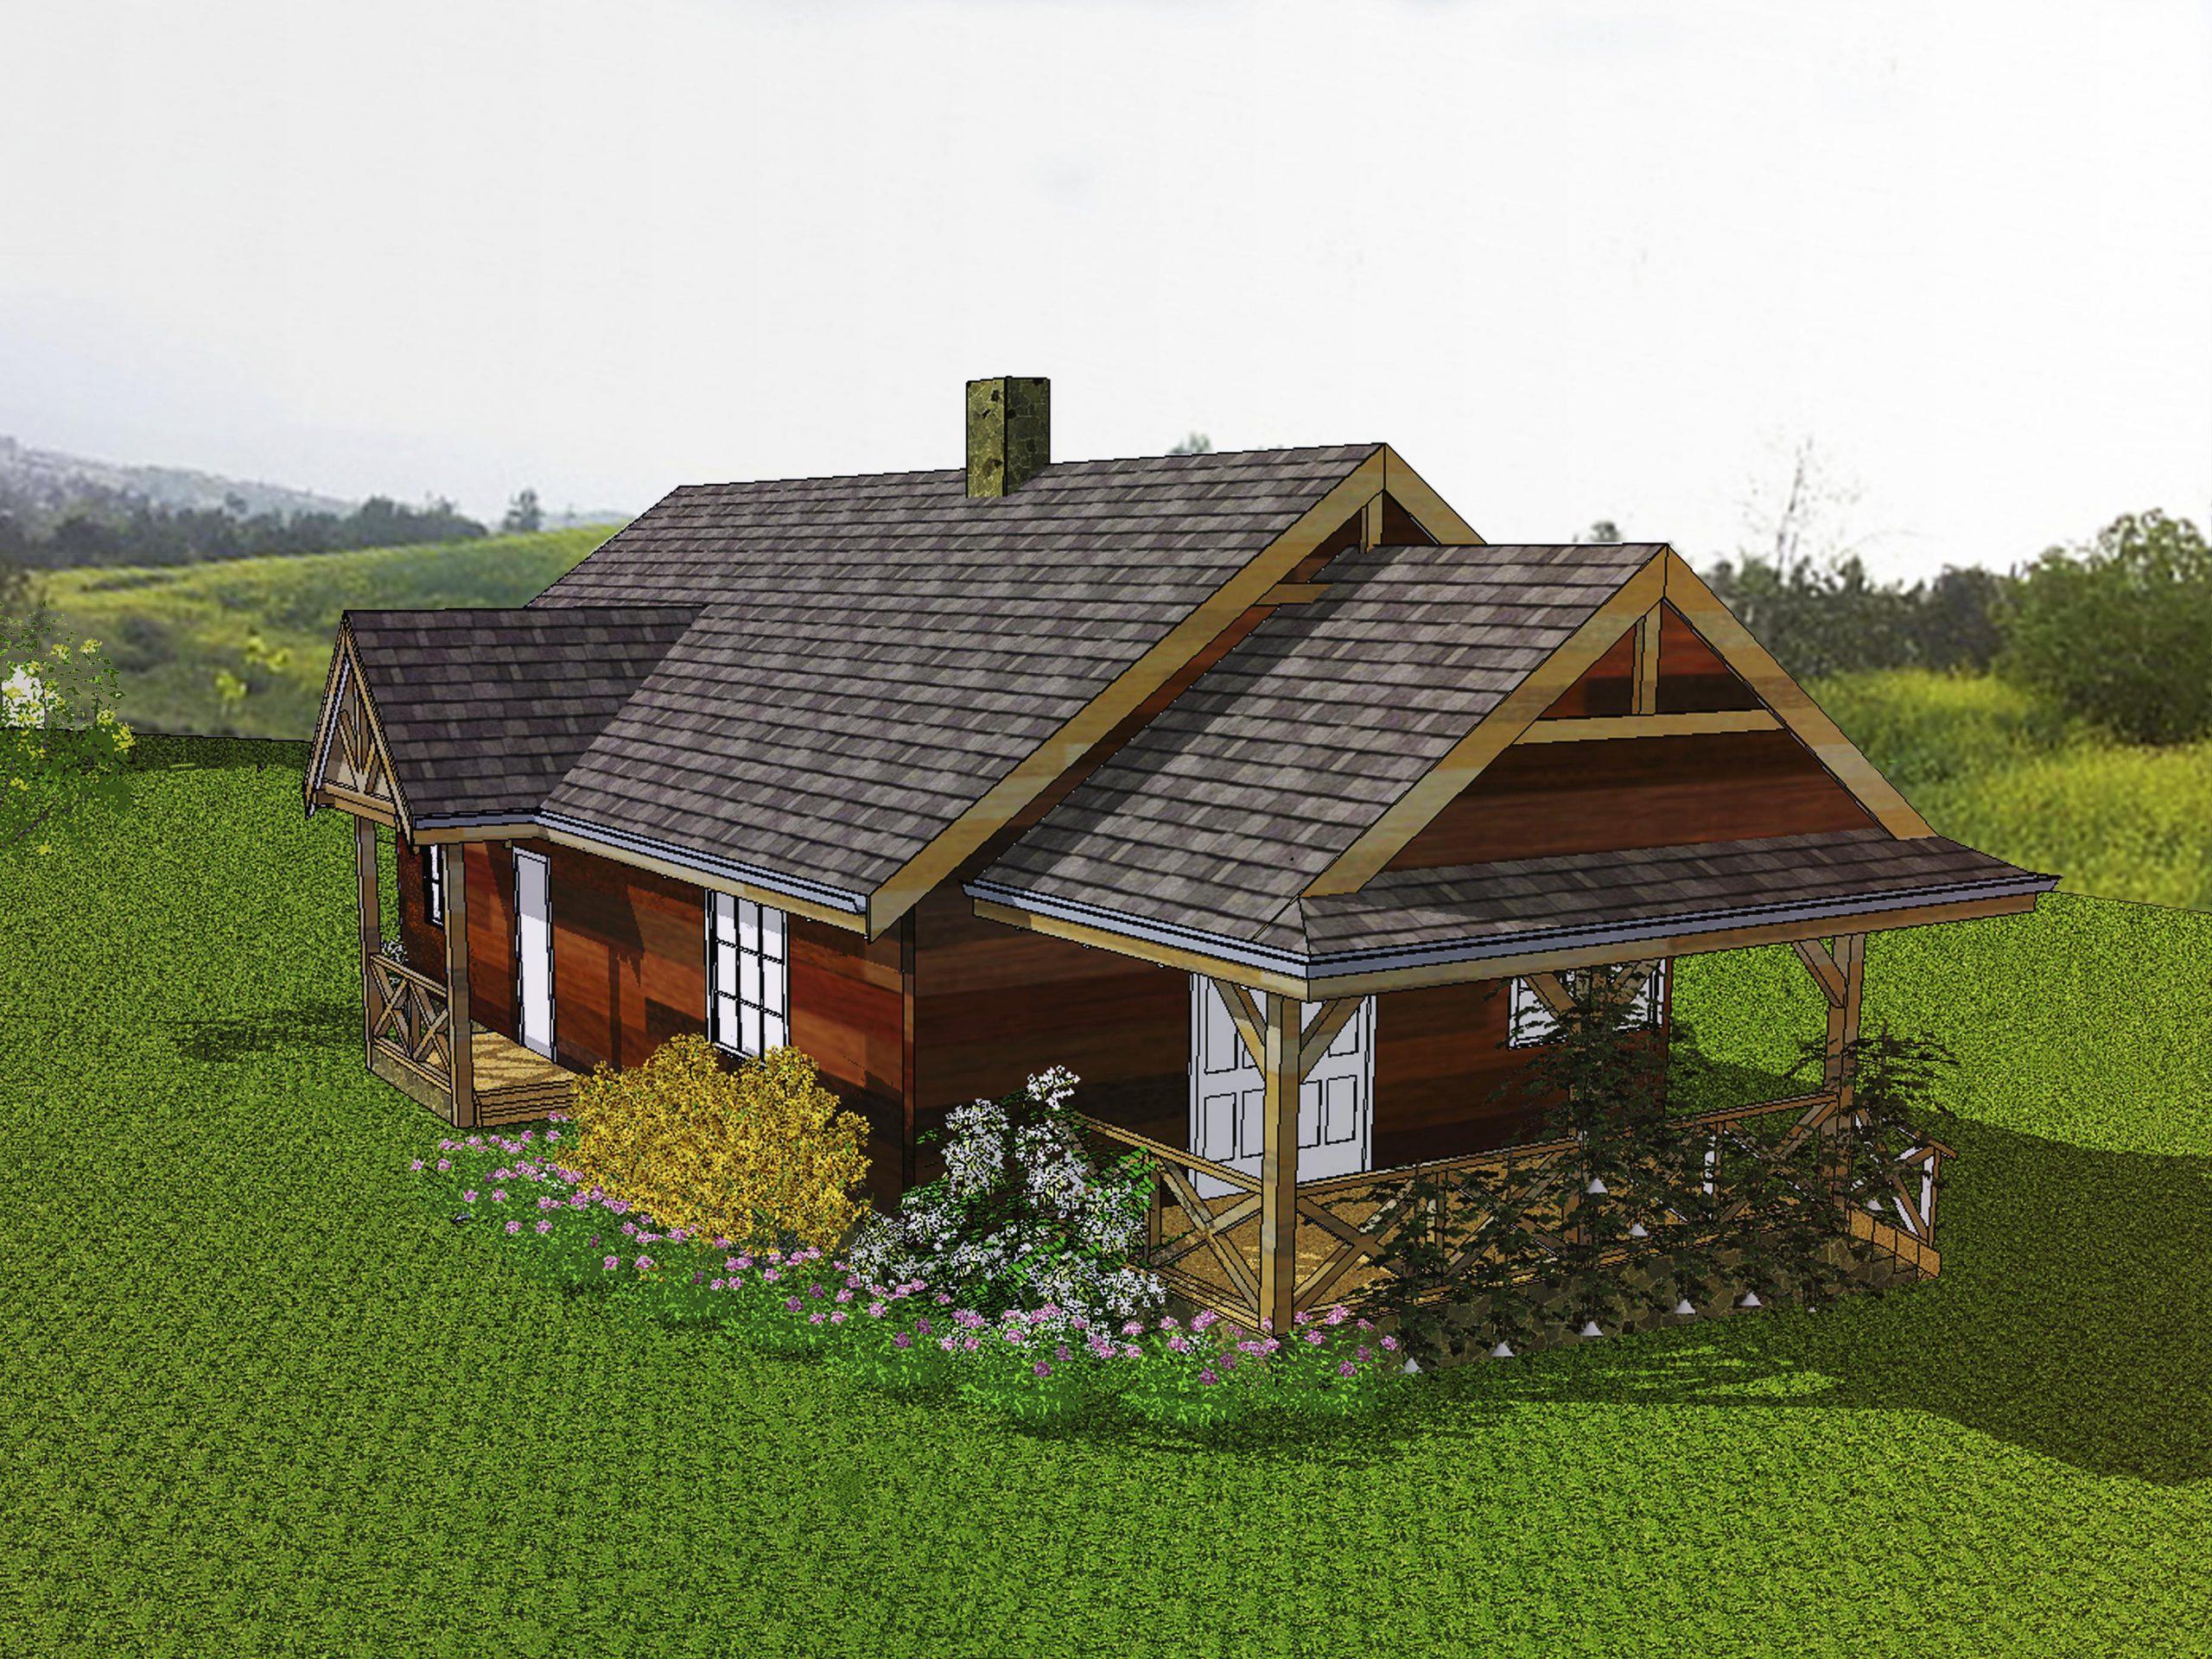 dom-drewniany-80997391